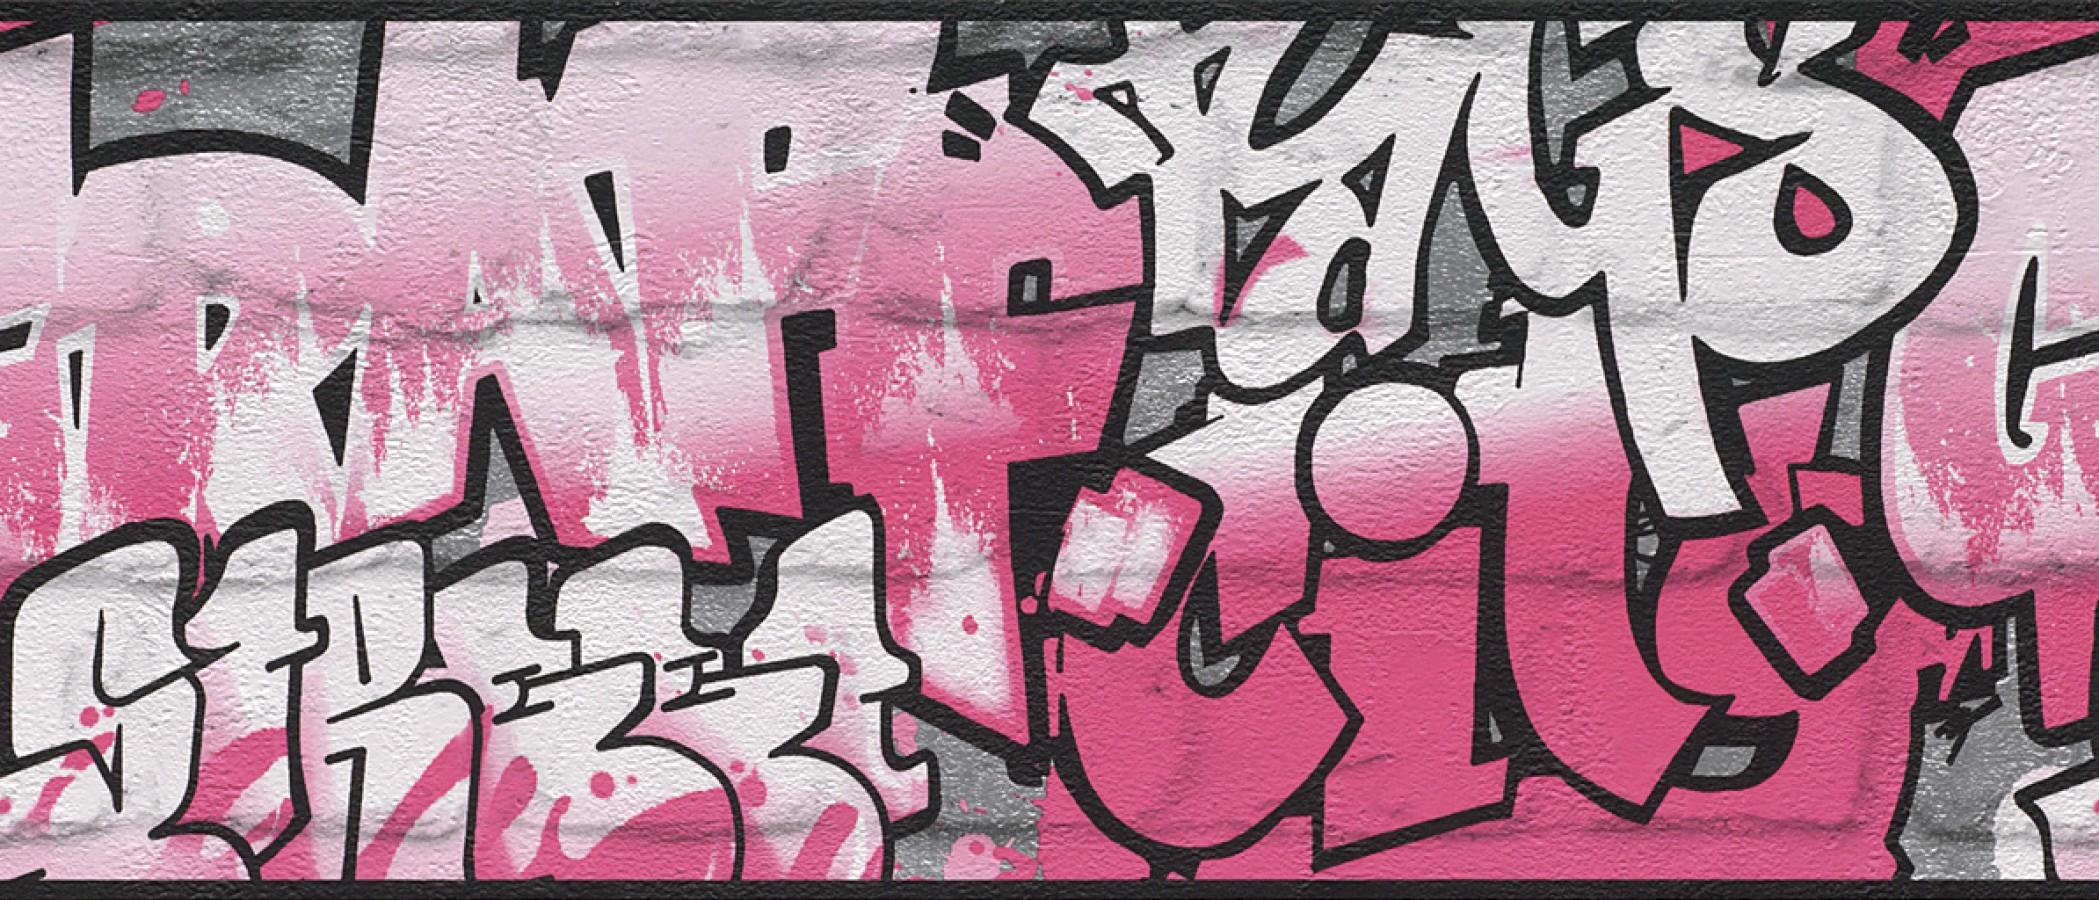 Cenefa muro de graffiti estilo urbano rosa intenso Urban Graffiti 6297